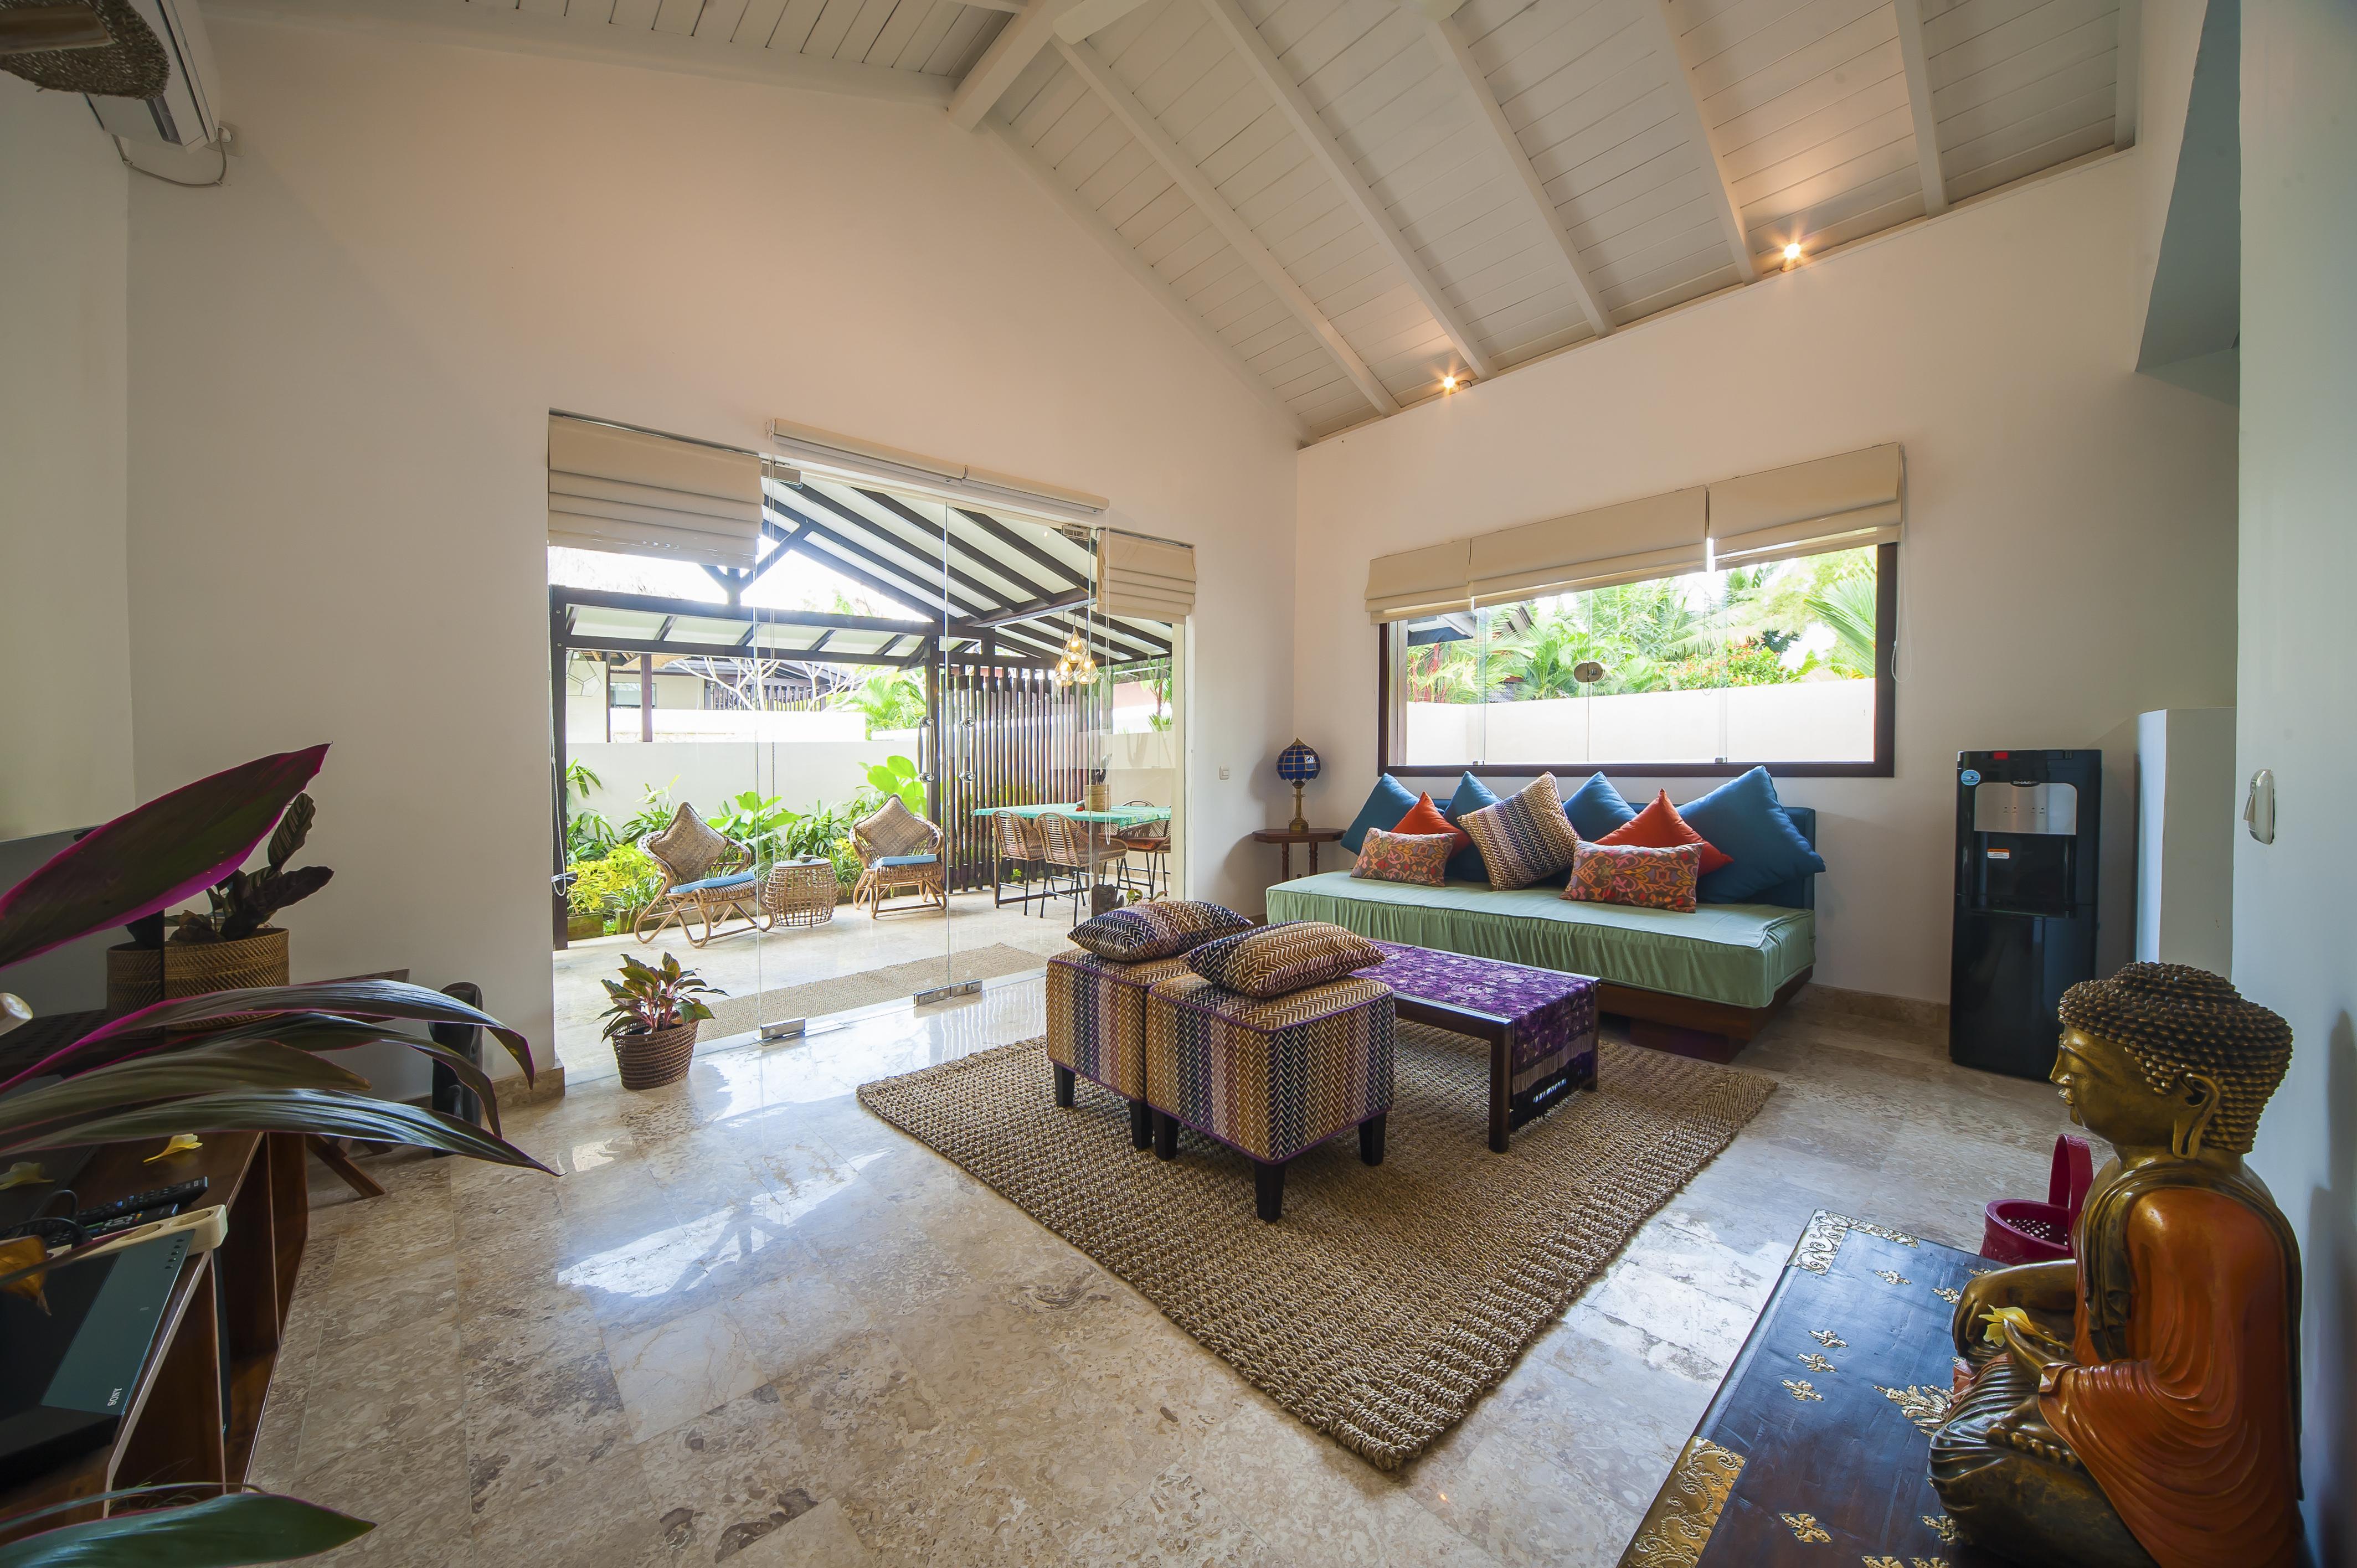 2 Bdrm Villa Damai Gajah Ubud Villas For Rent In Kecamatan Ubud Bali Indonesia